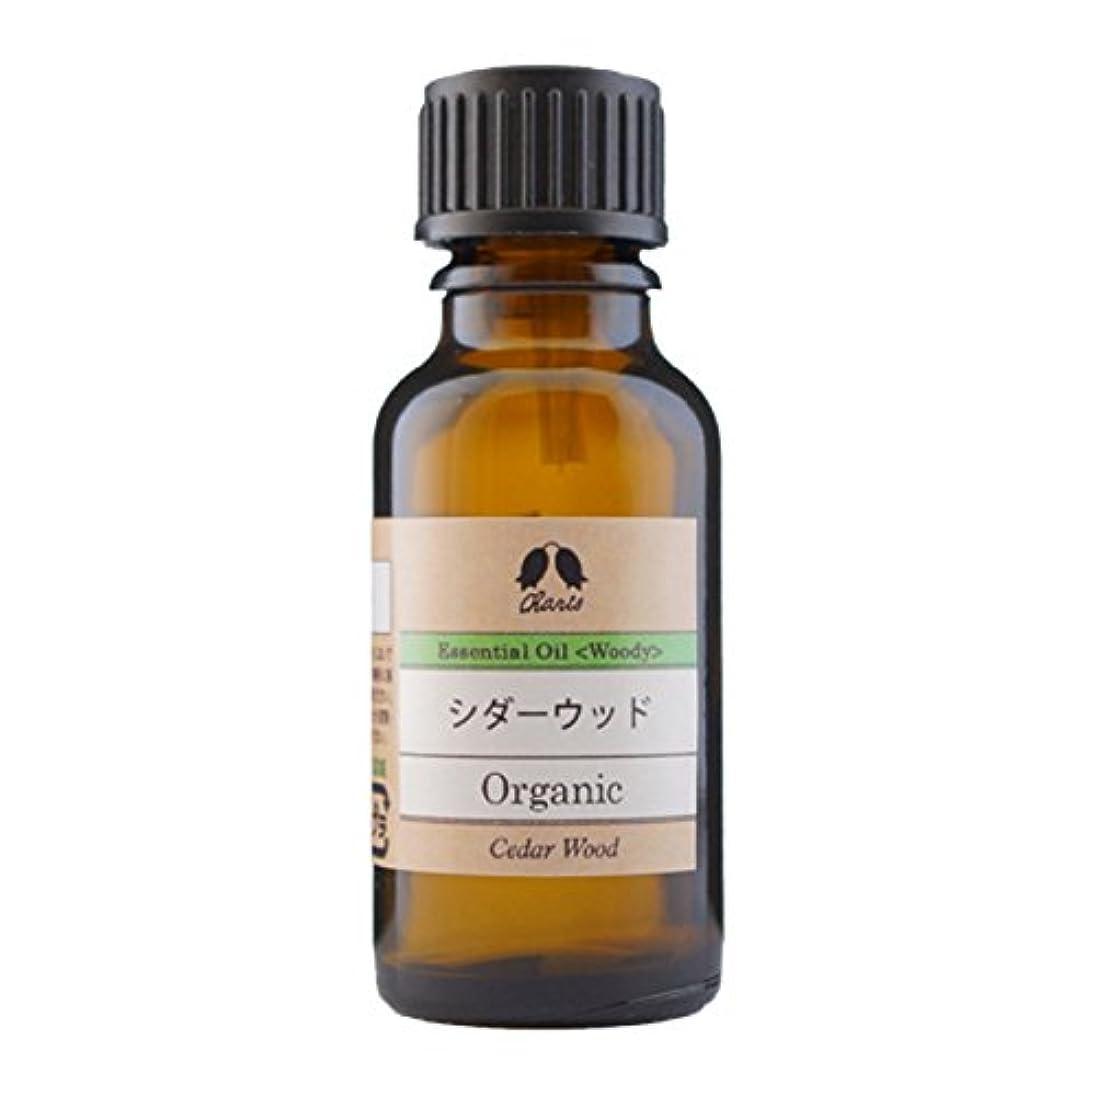 ヒロイン納税者土カリス成城 エッセンシャルオイル シダーウッド Organic 20ml